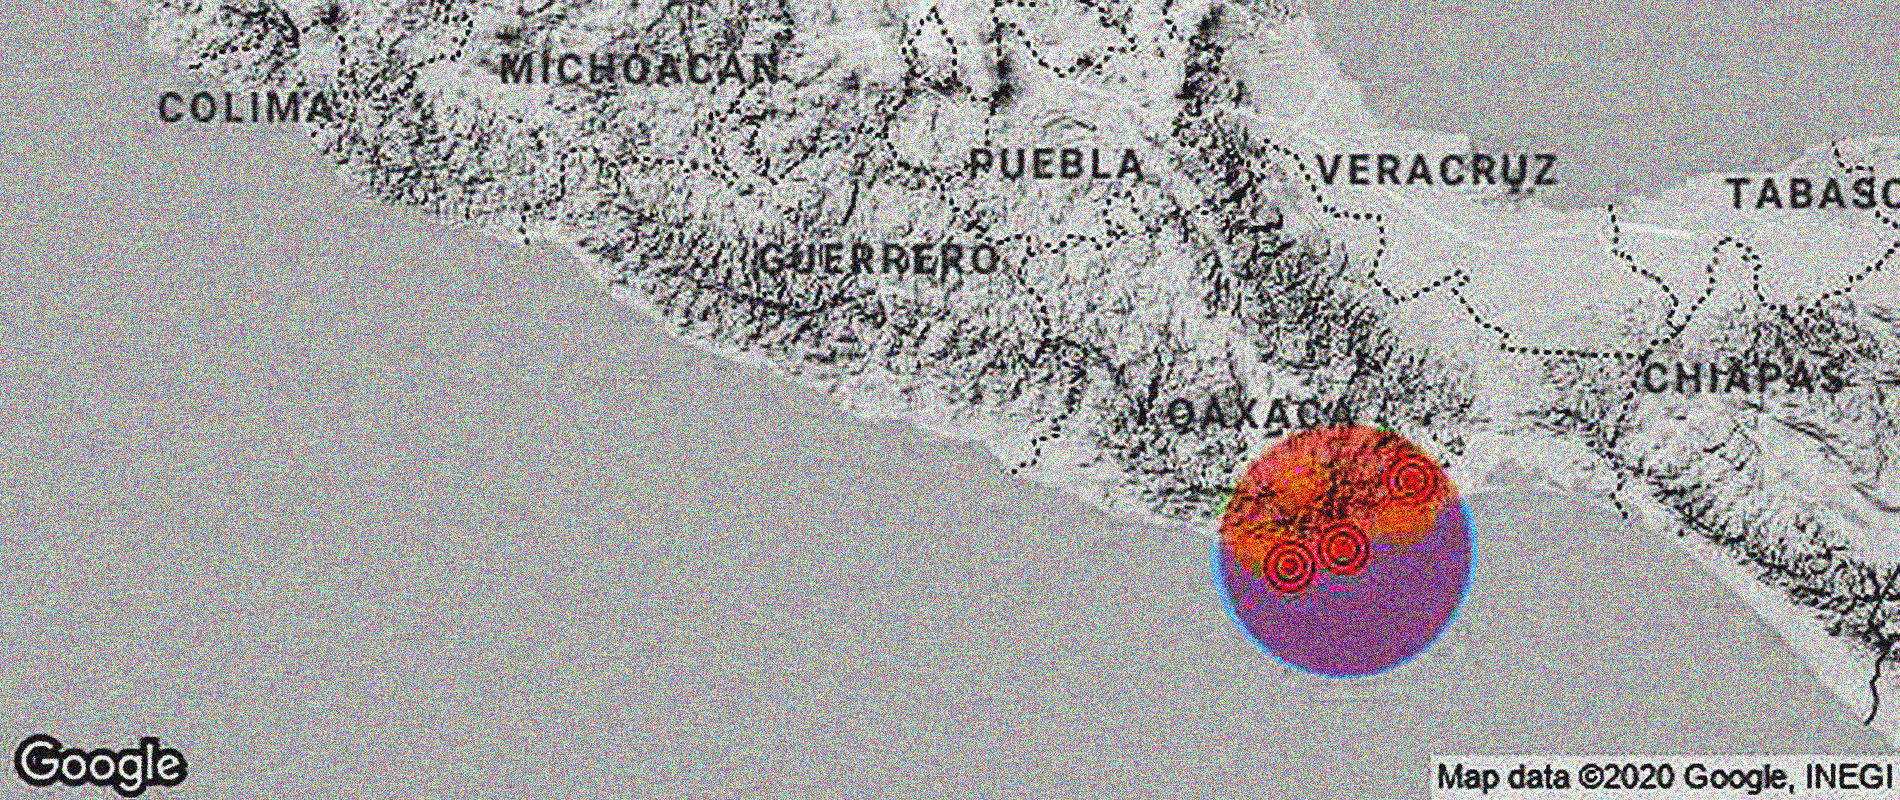 Un fuerte sismo ha sacudido esta mañana la capital mexicana y varios estados del centro de la República, y los informes preliminares dicen que fue superior a los 7 grados. Se reporta que el epicentro fue 12 kilómetros al sureste de Crucecita, Oaxaca.